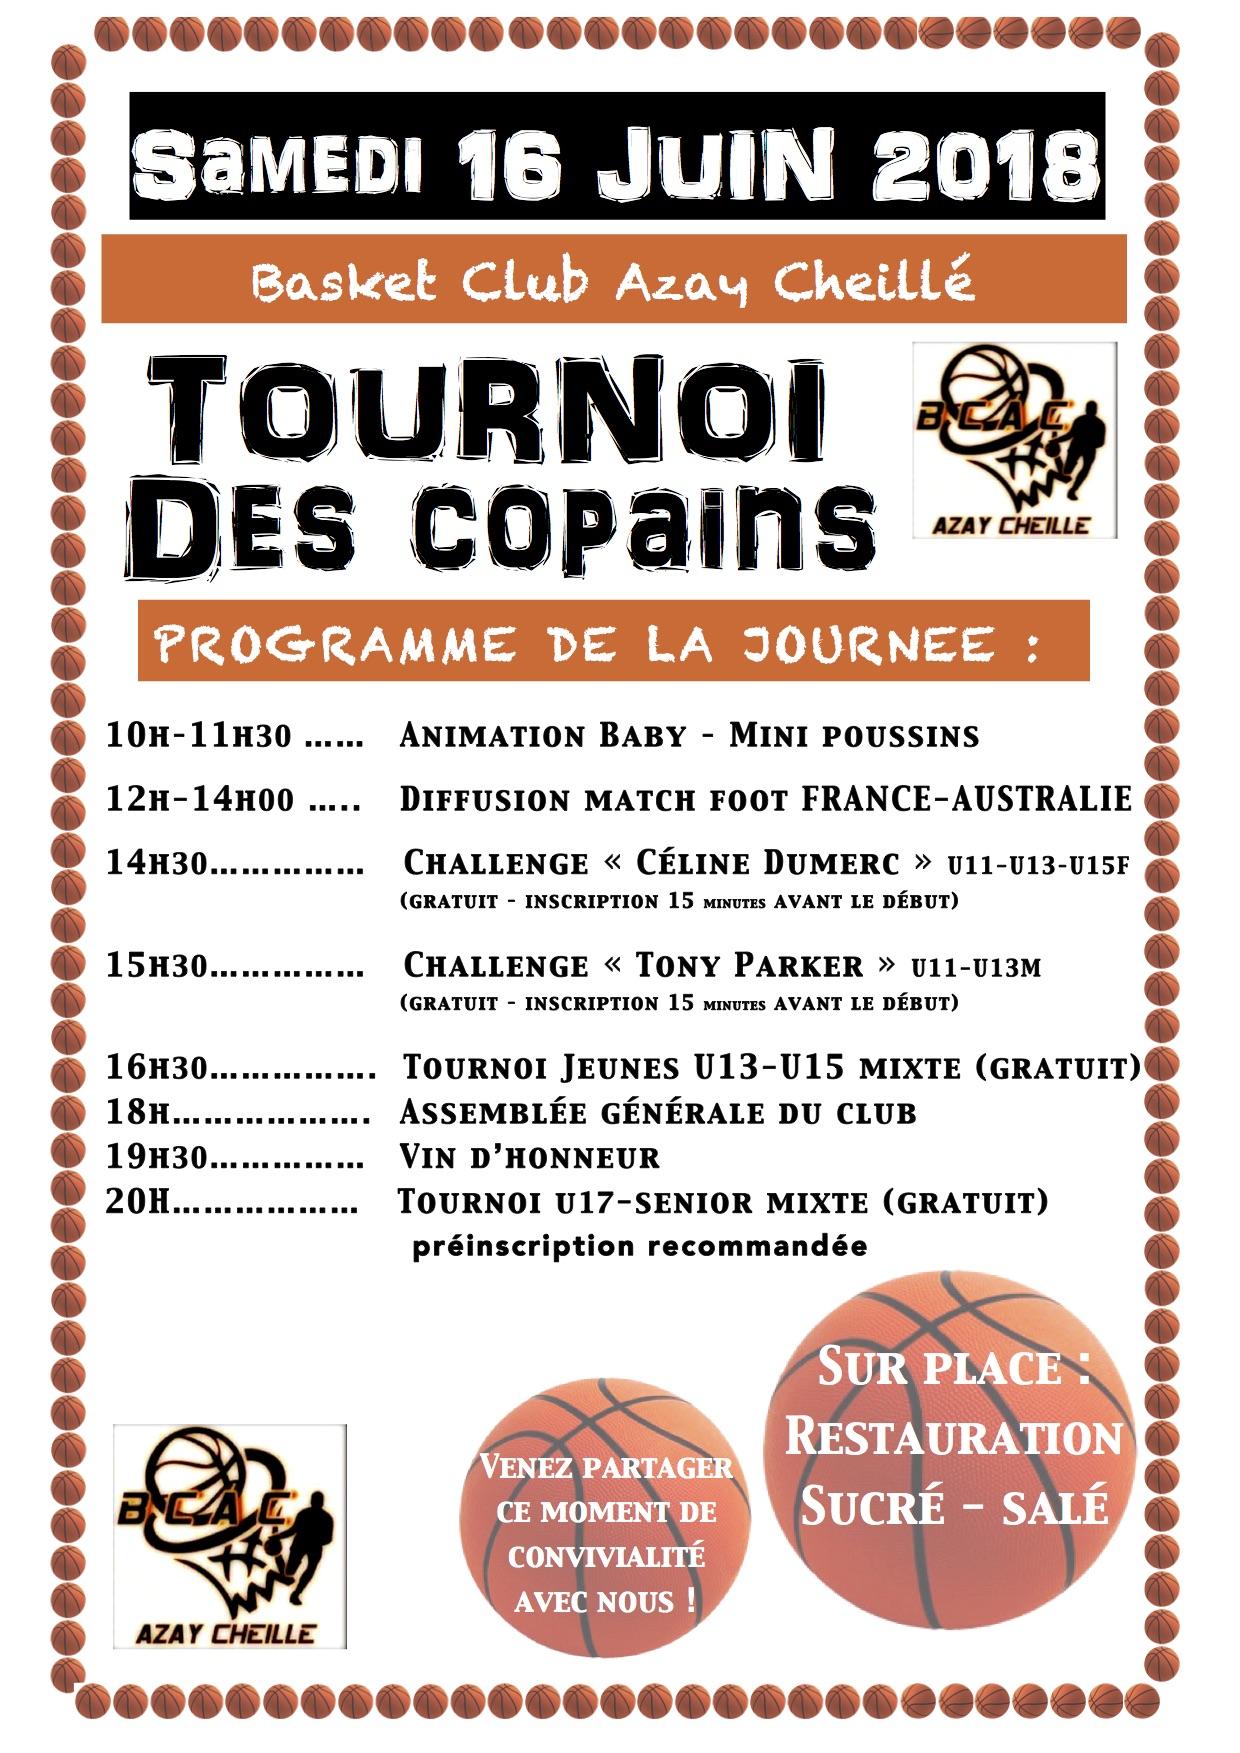 Tournoi copains18